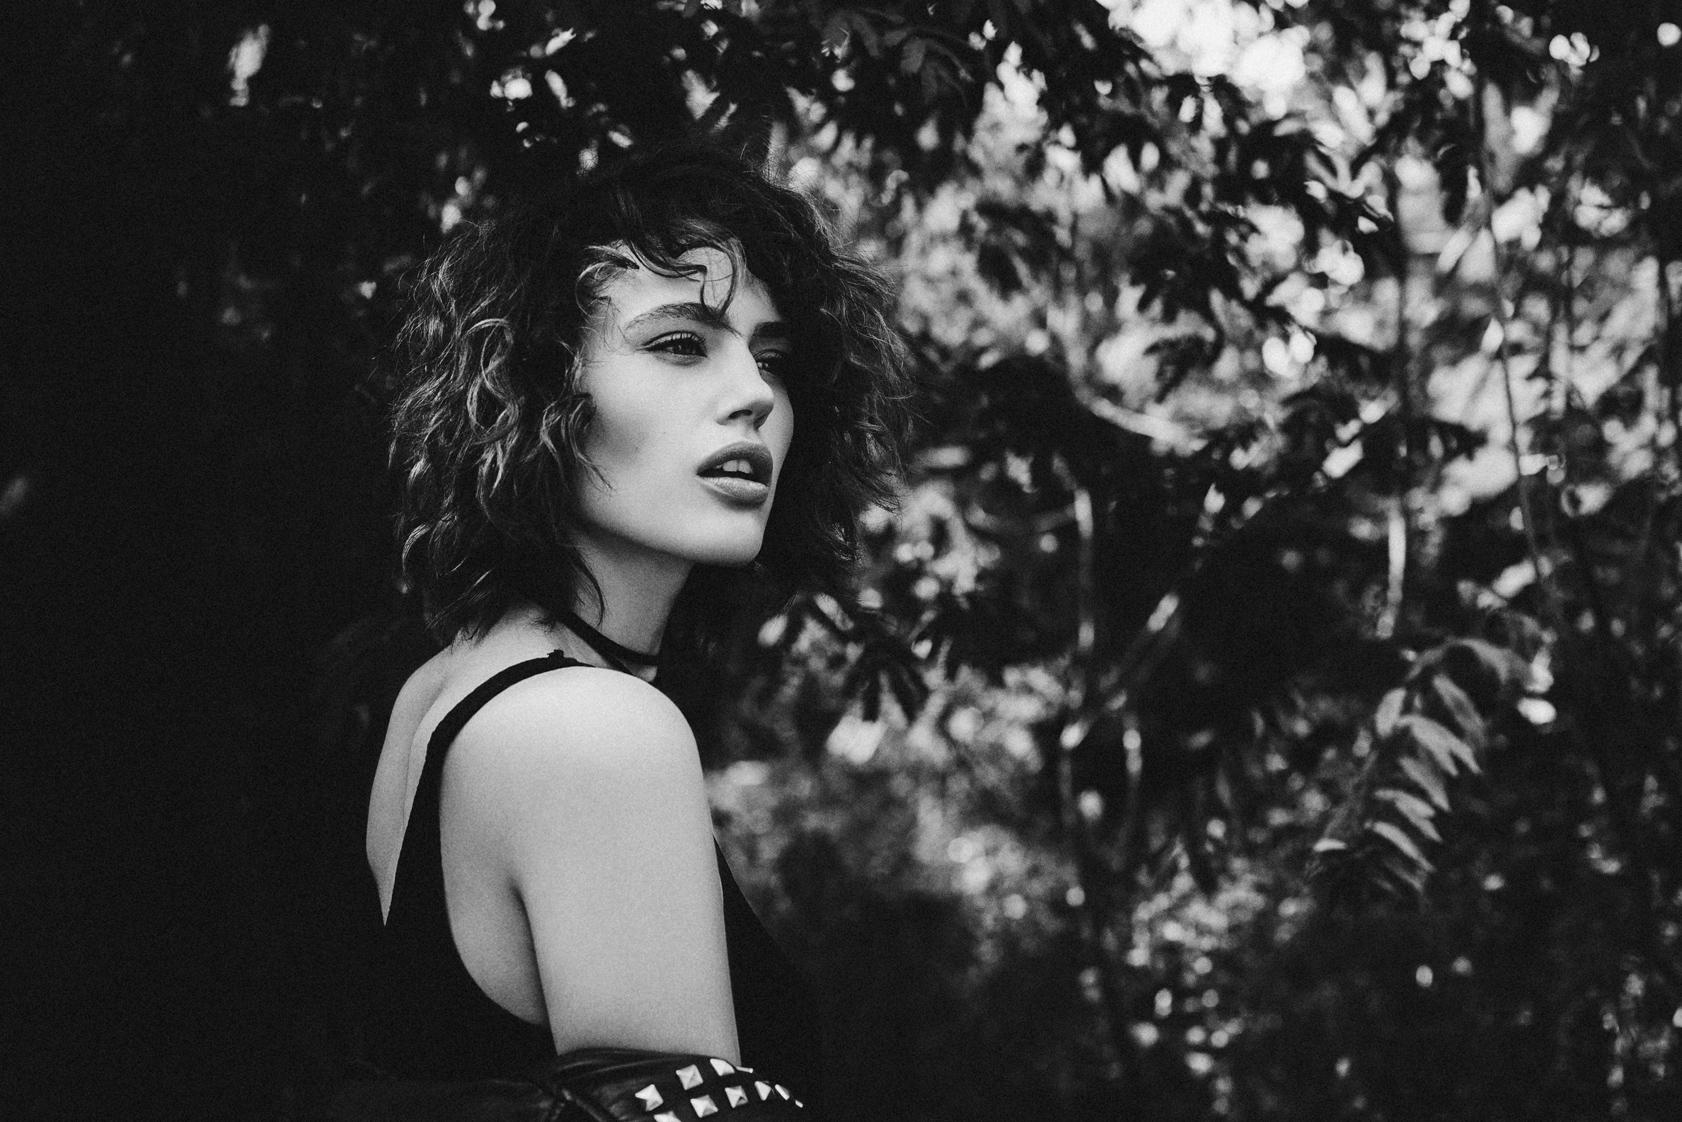 Model Jill PMA